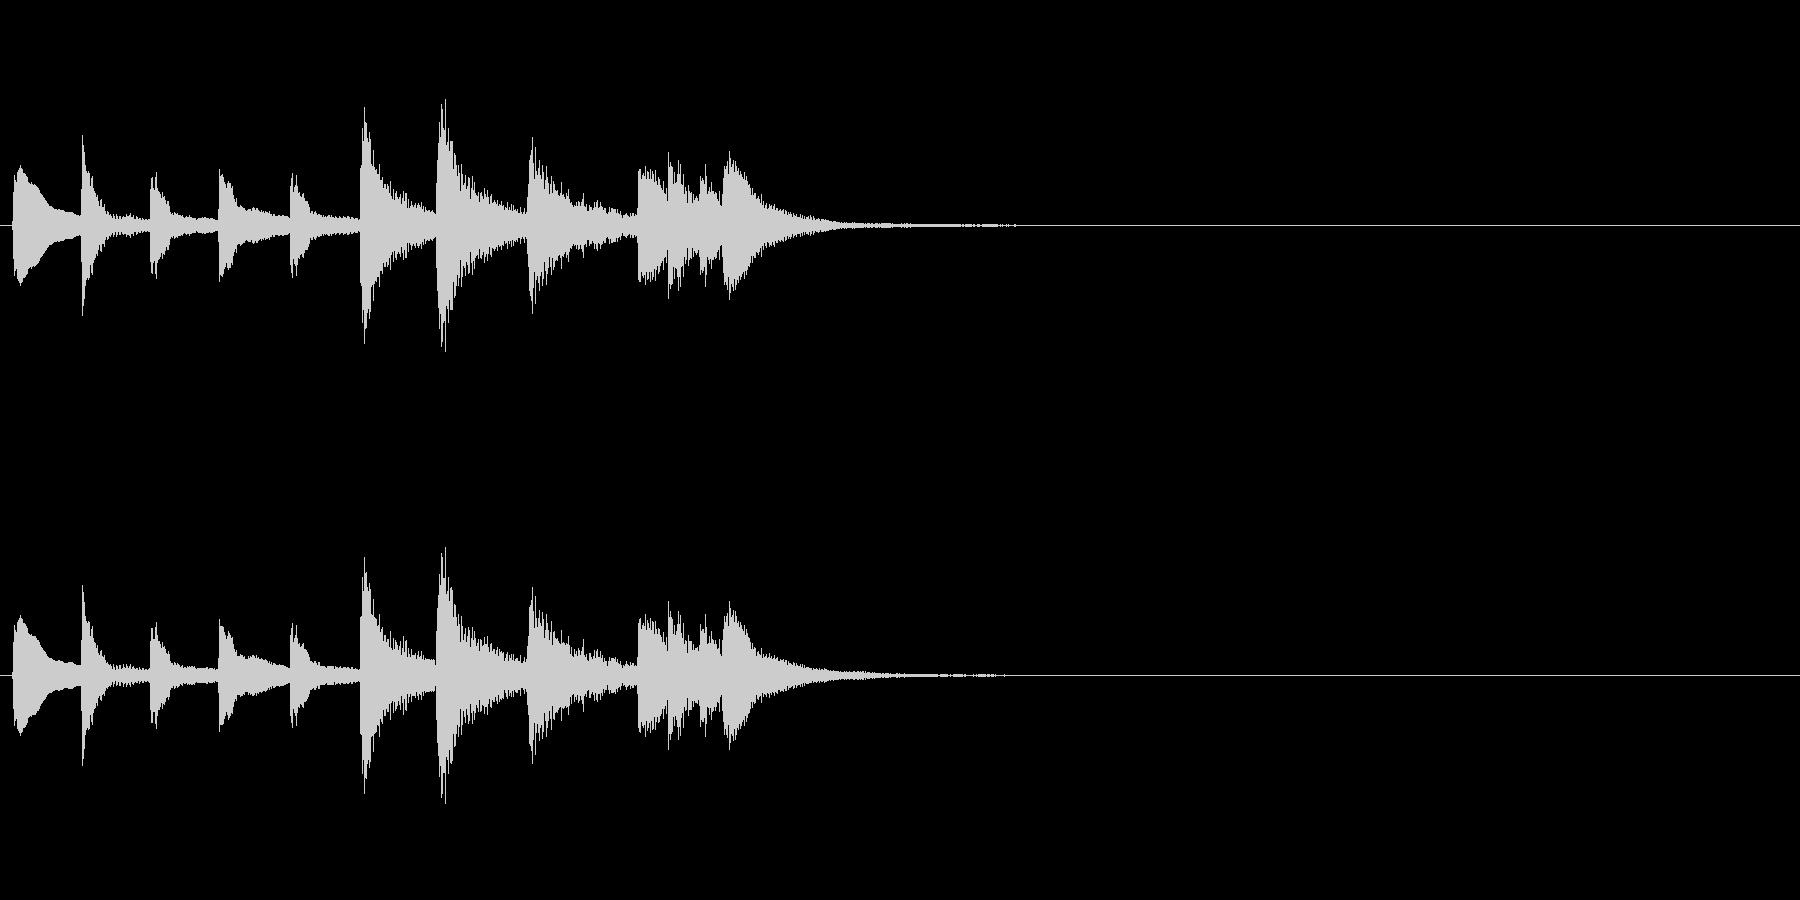 和風効果音 琴2(拍子木なし)の未再生の波形